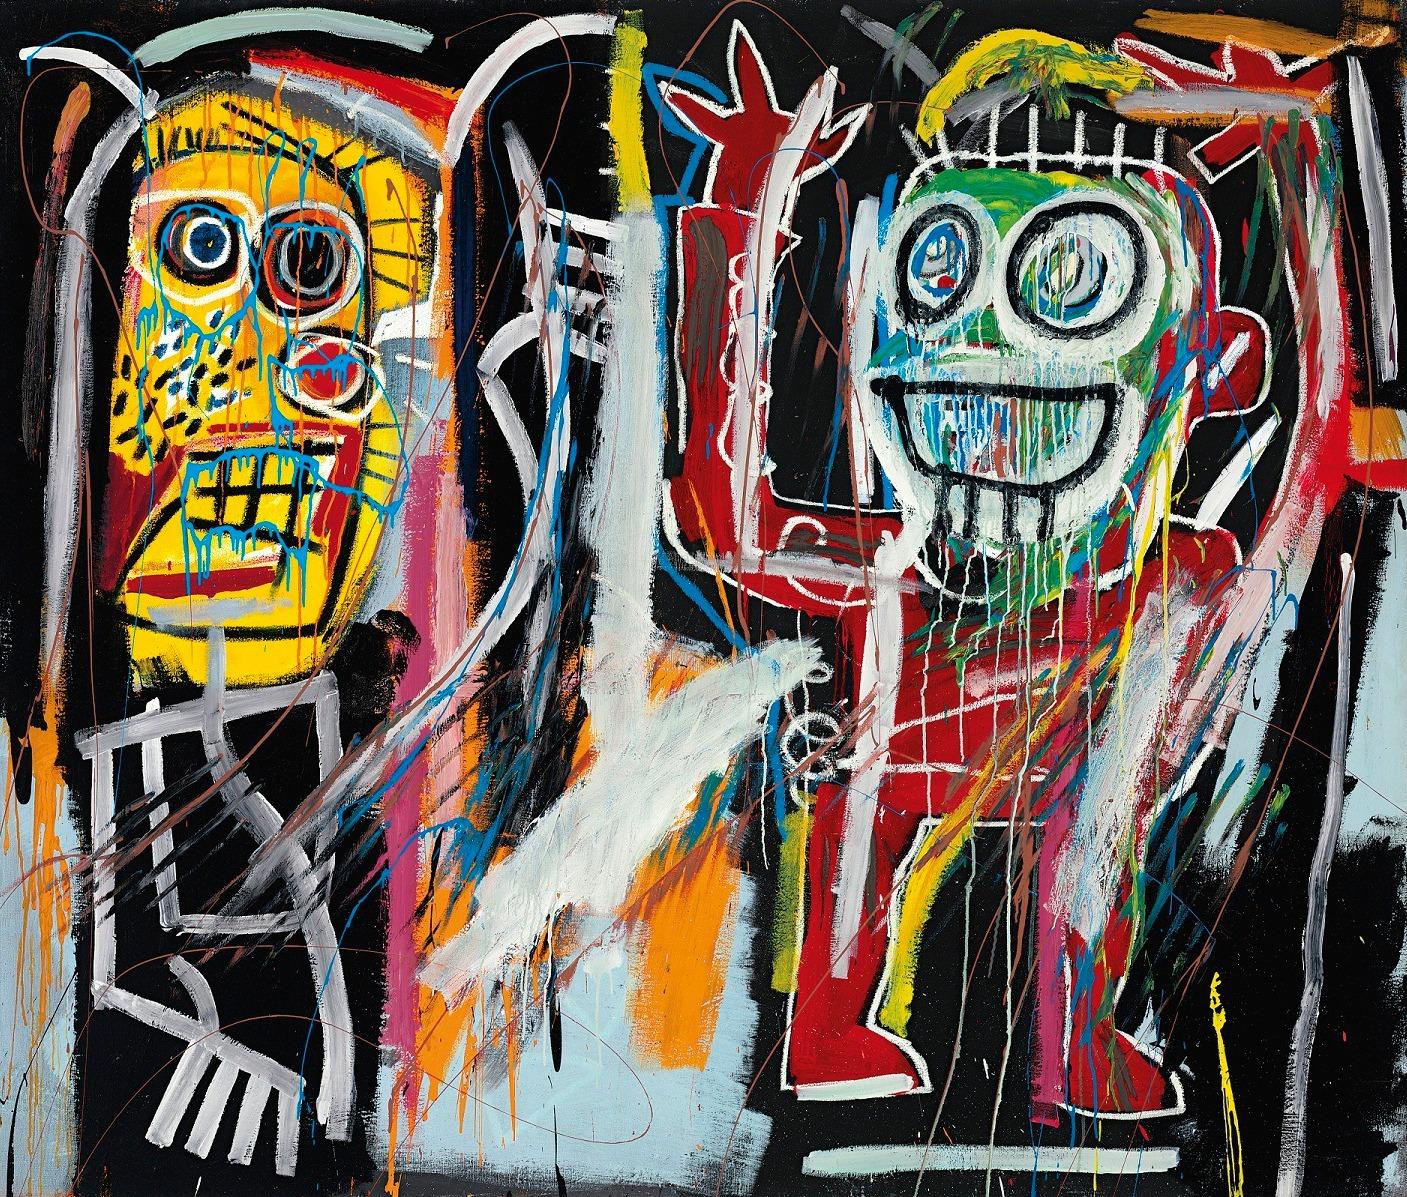 Jean-Michel Basquiat: Dustheads